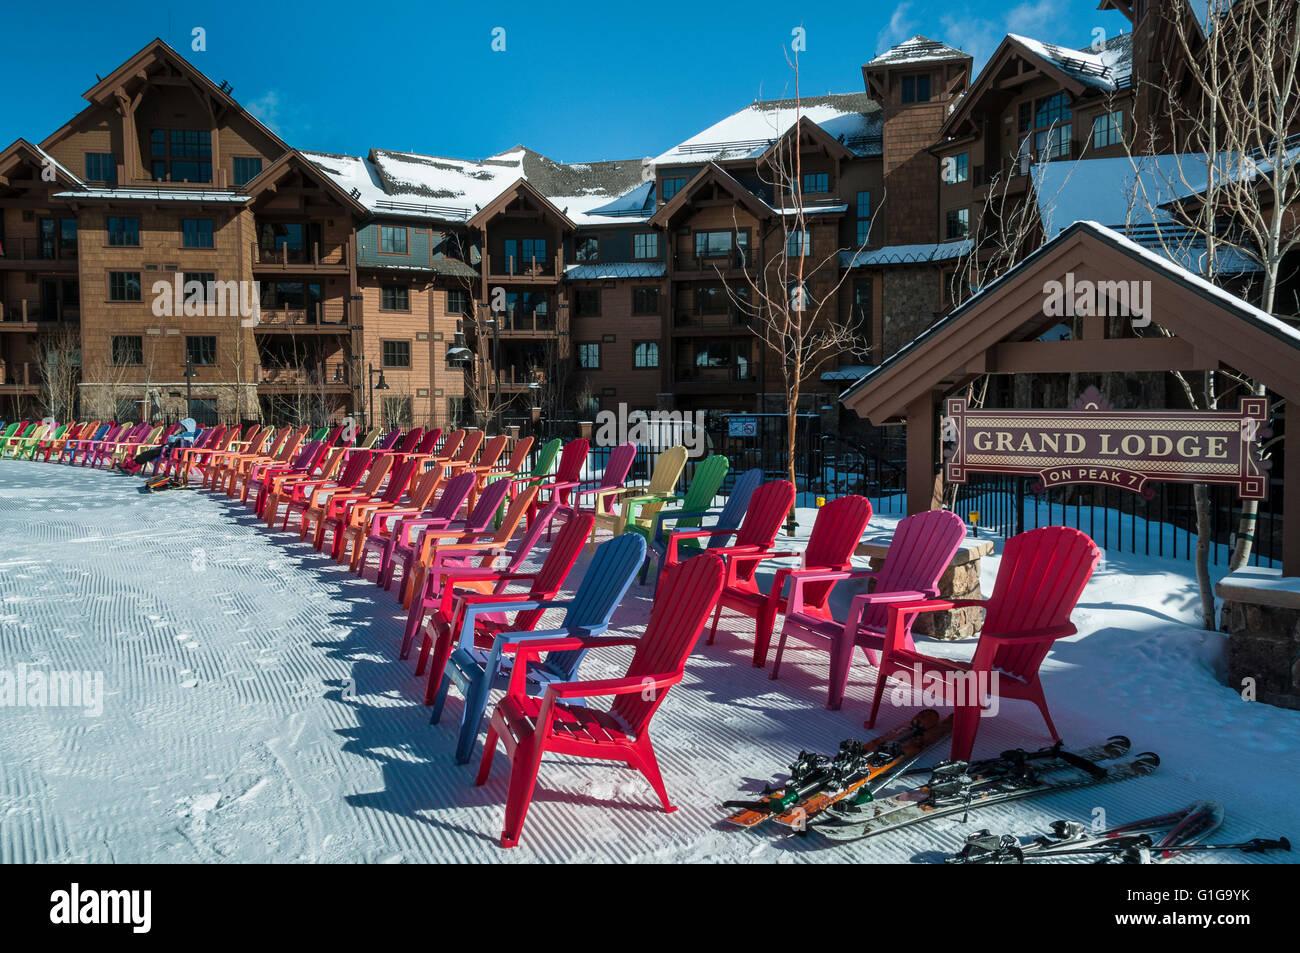 Chaises Adirondack En Face De Grand Lodge Sur Le Pic 7 Station De